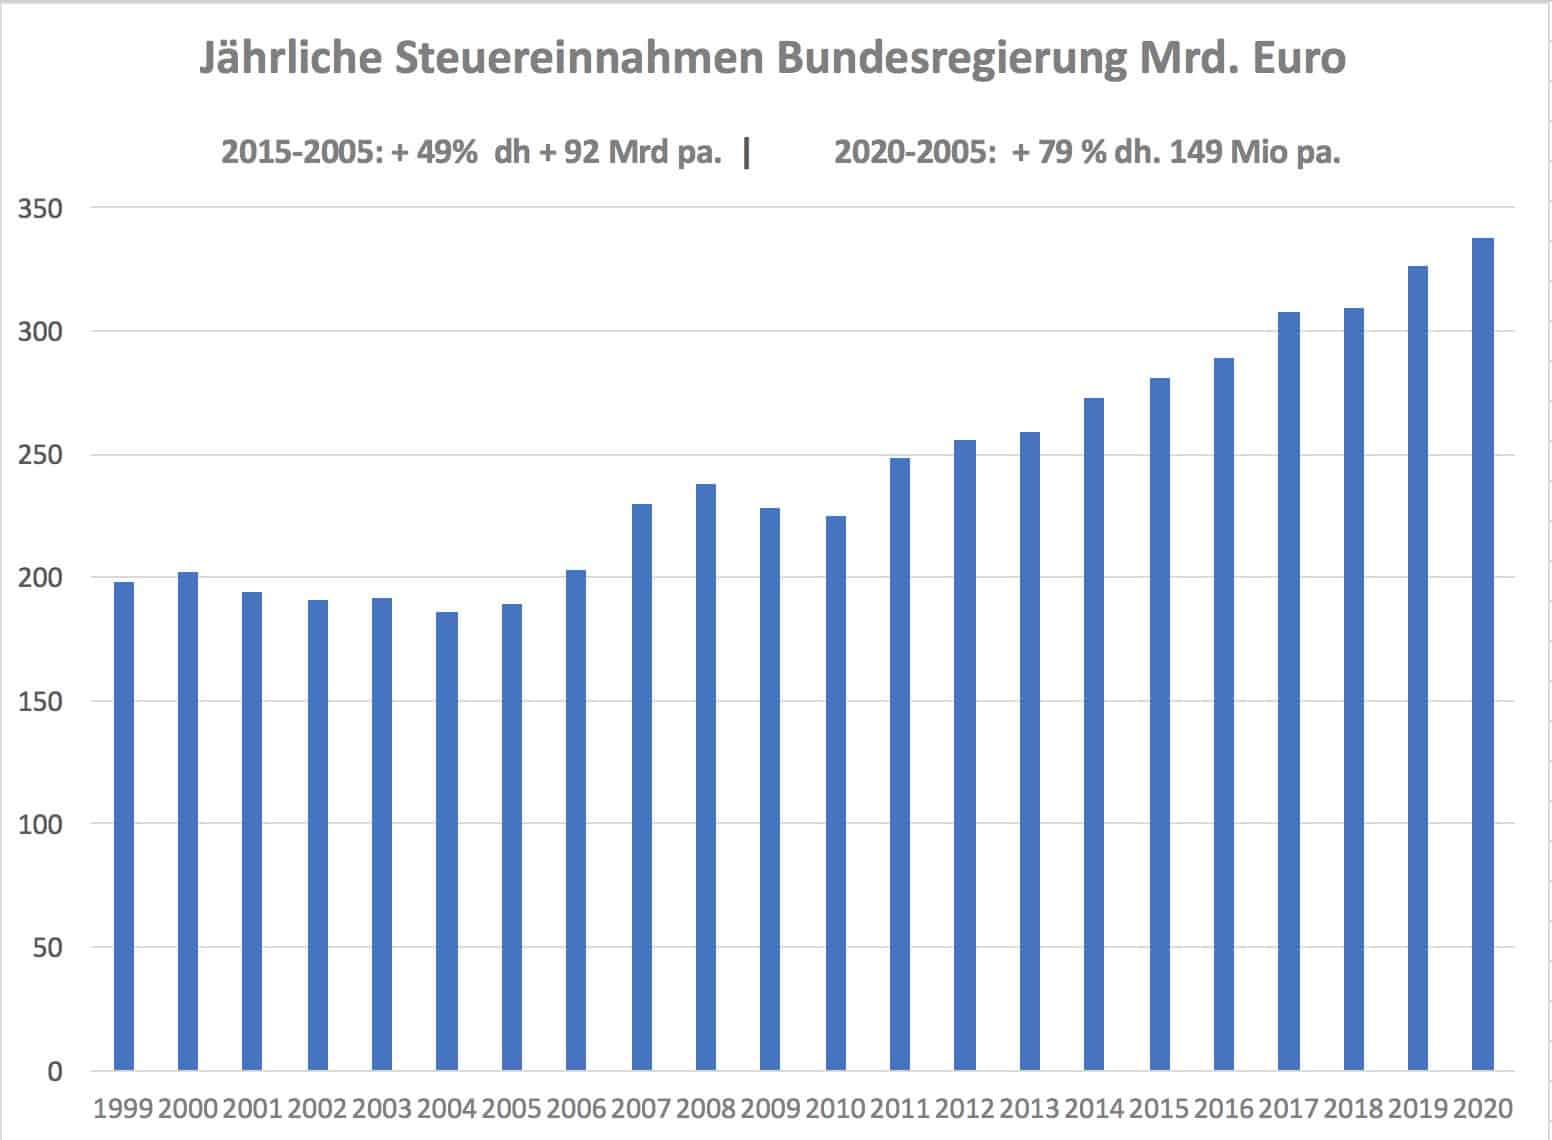 Grafik Steuereinnahmen Bund 1999-2020